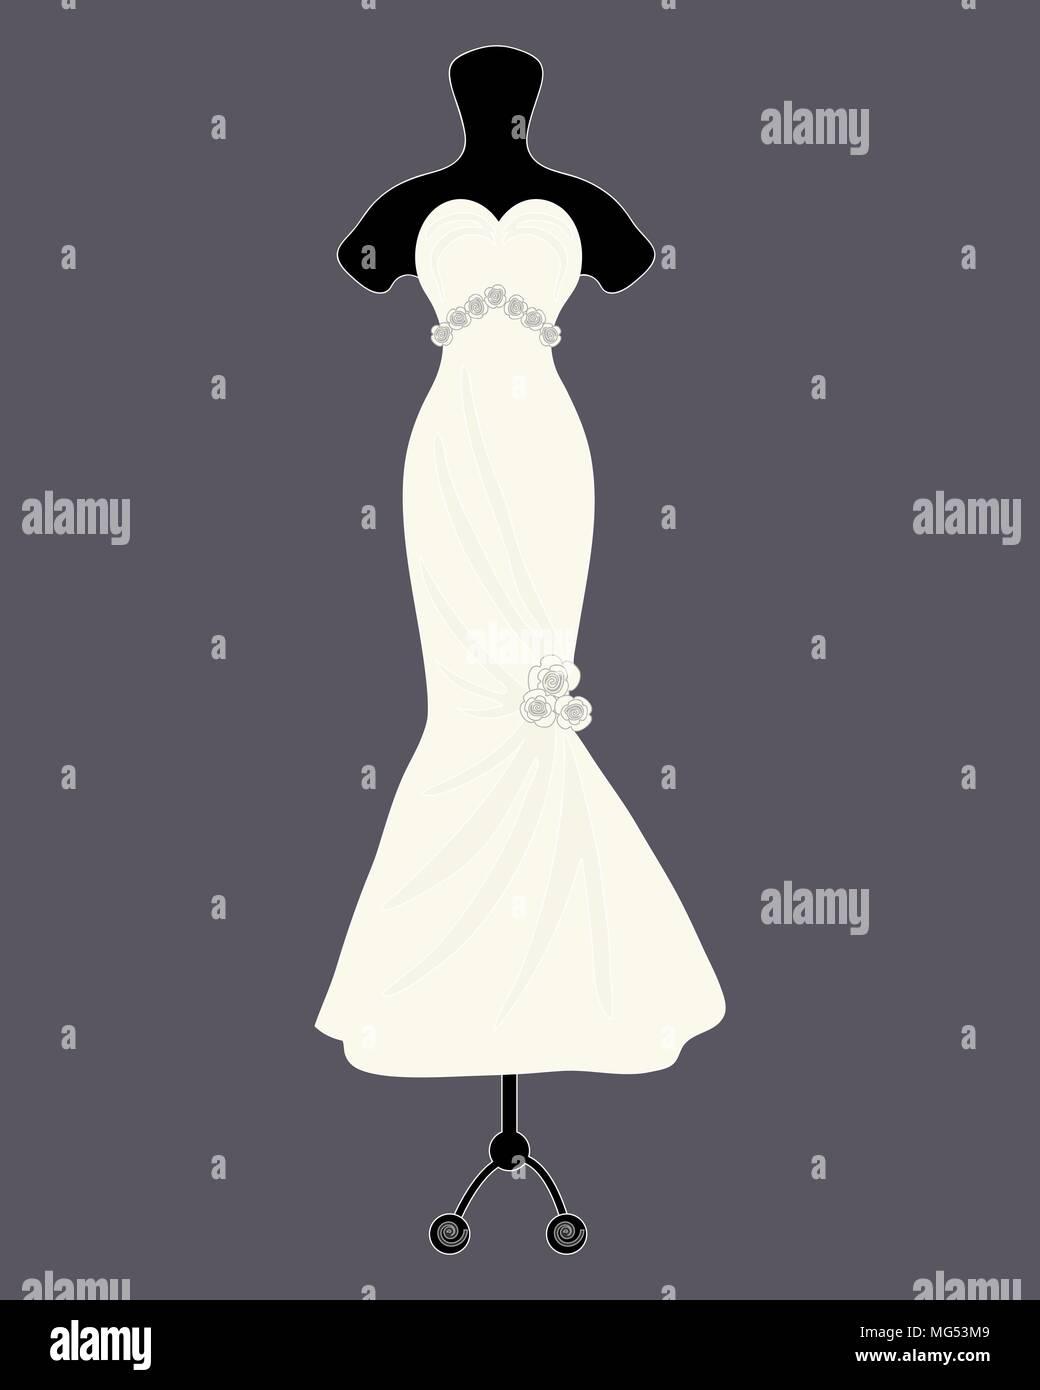 Una illustrazione vettoriale in formato eps 8 formato di un designer di Bellissimo abito da sposa in uno stile a campana con decorazione di rosa su sfondo grigio scuro Immagini Stock